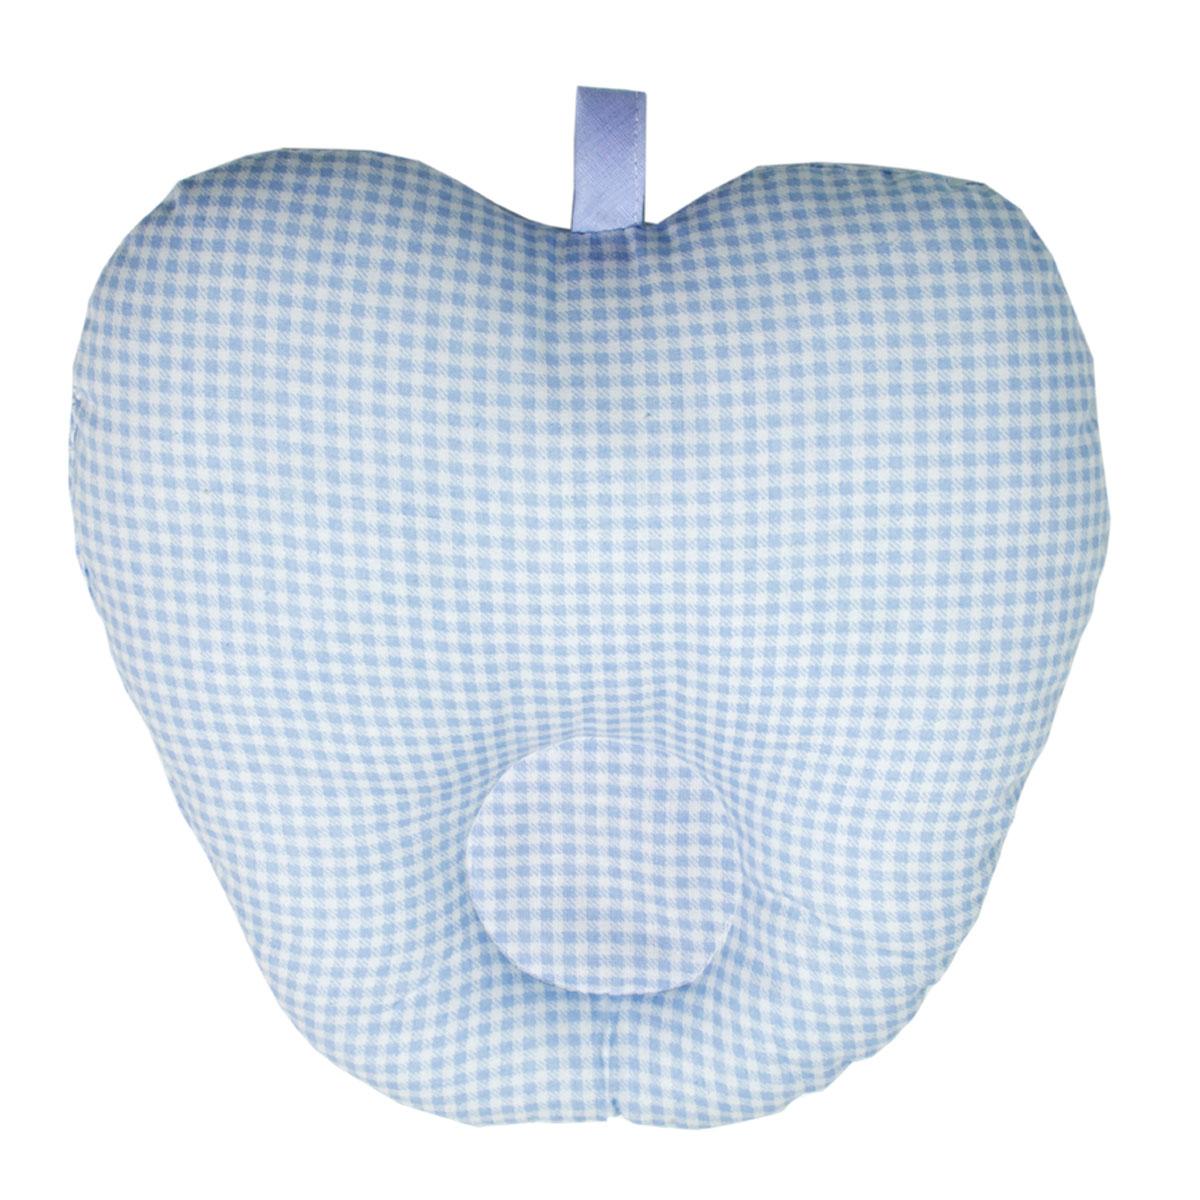 Подушка анатомическая Primavelle Apple для младенцев, цвет: голубой, 25 см х 25 см наволочка primavelle style цвет голубой 52 х 74 см